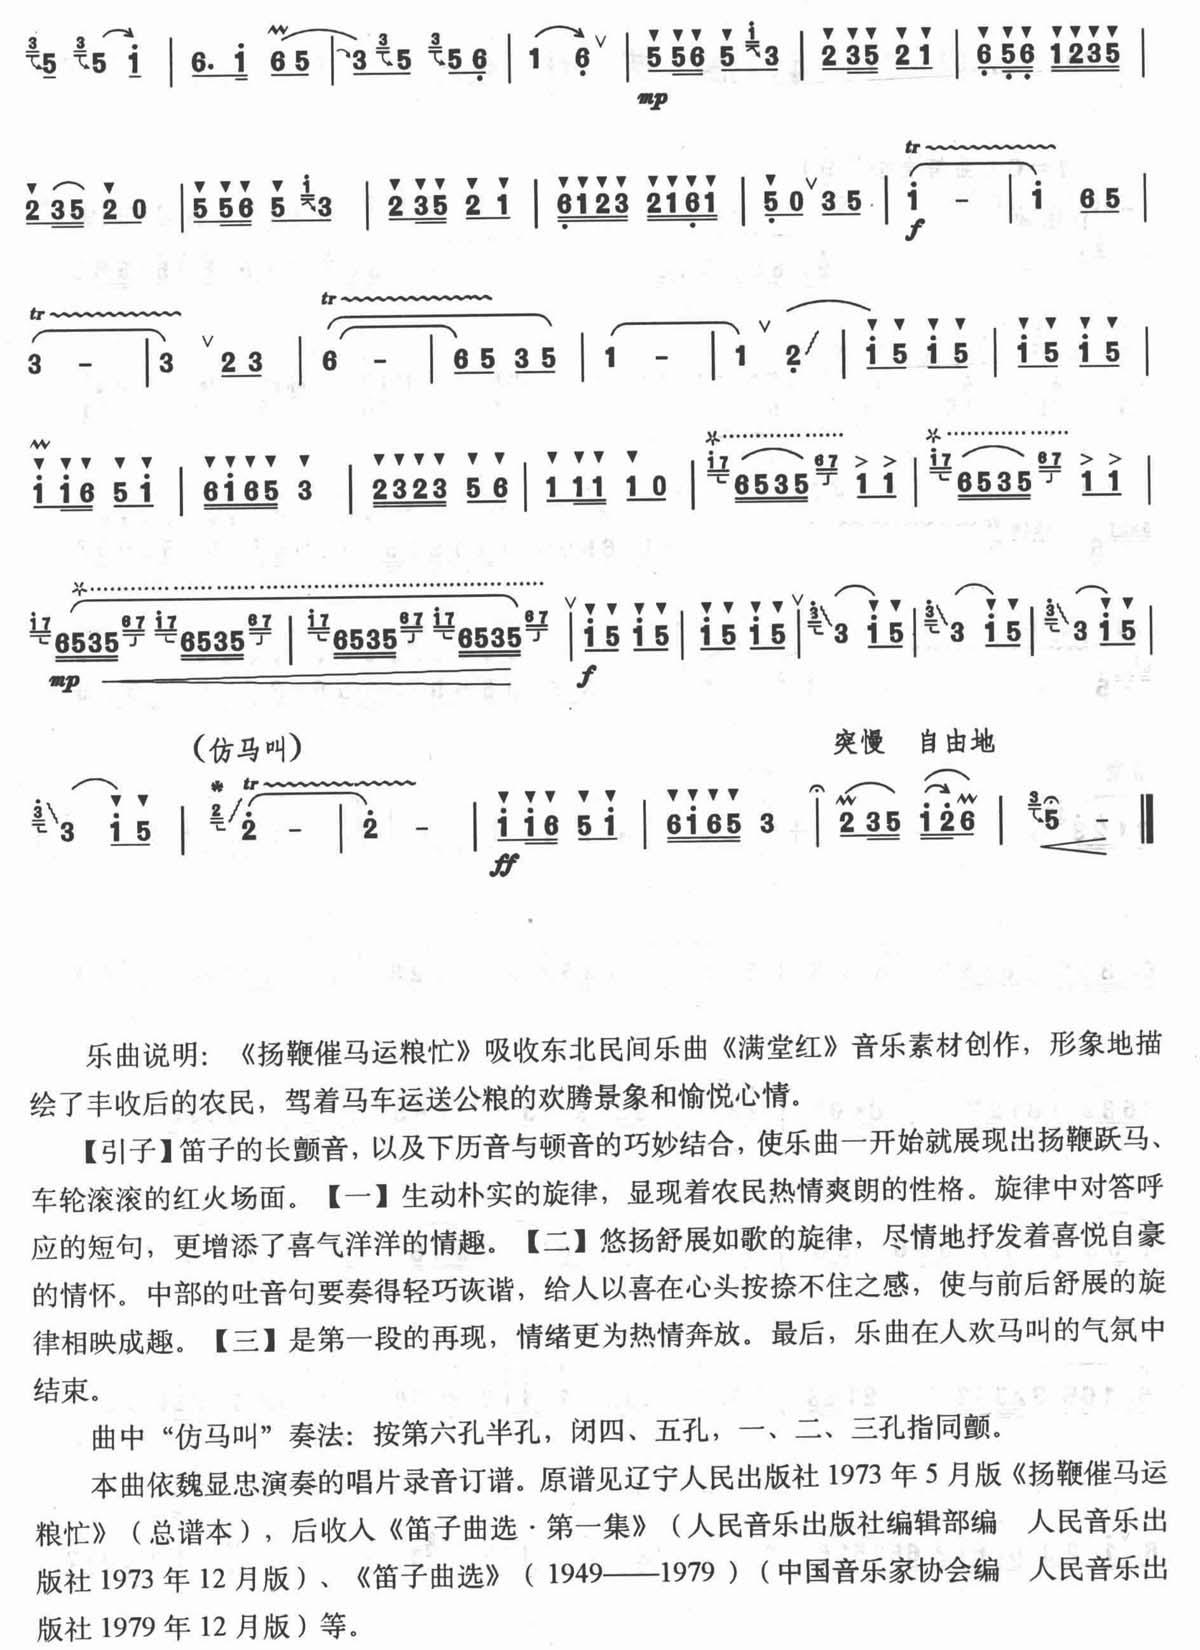 扬鞭催马运粮忙 笛子谱 高清版